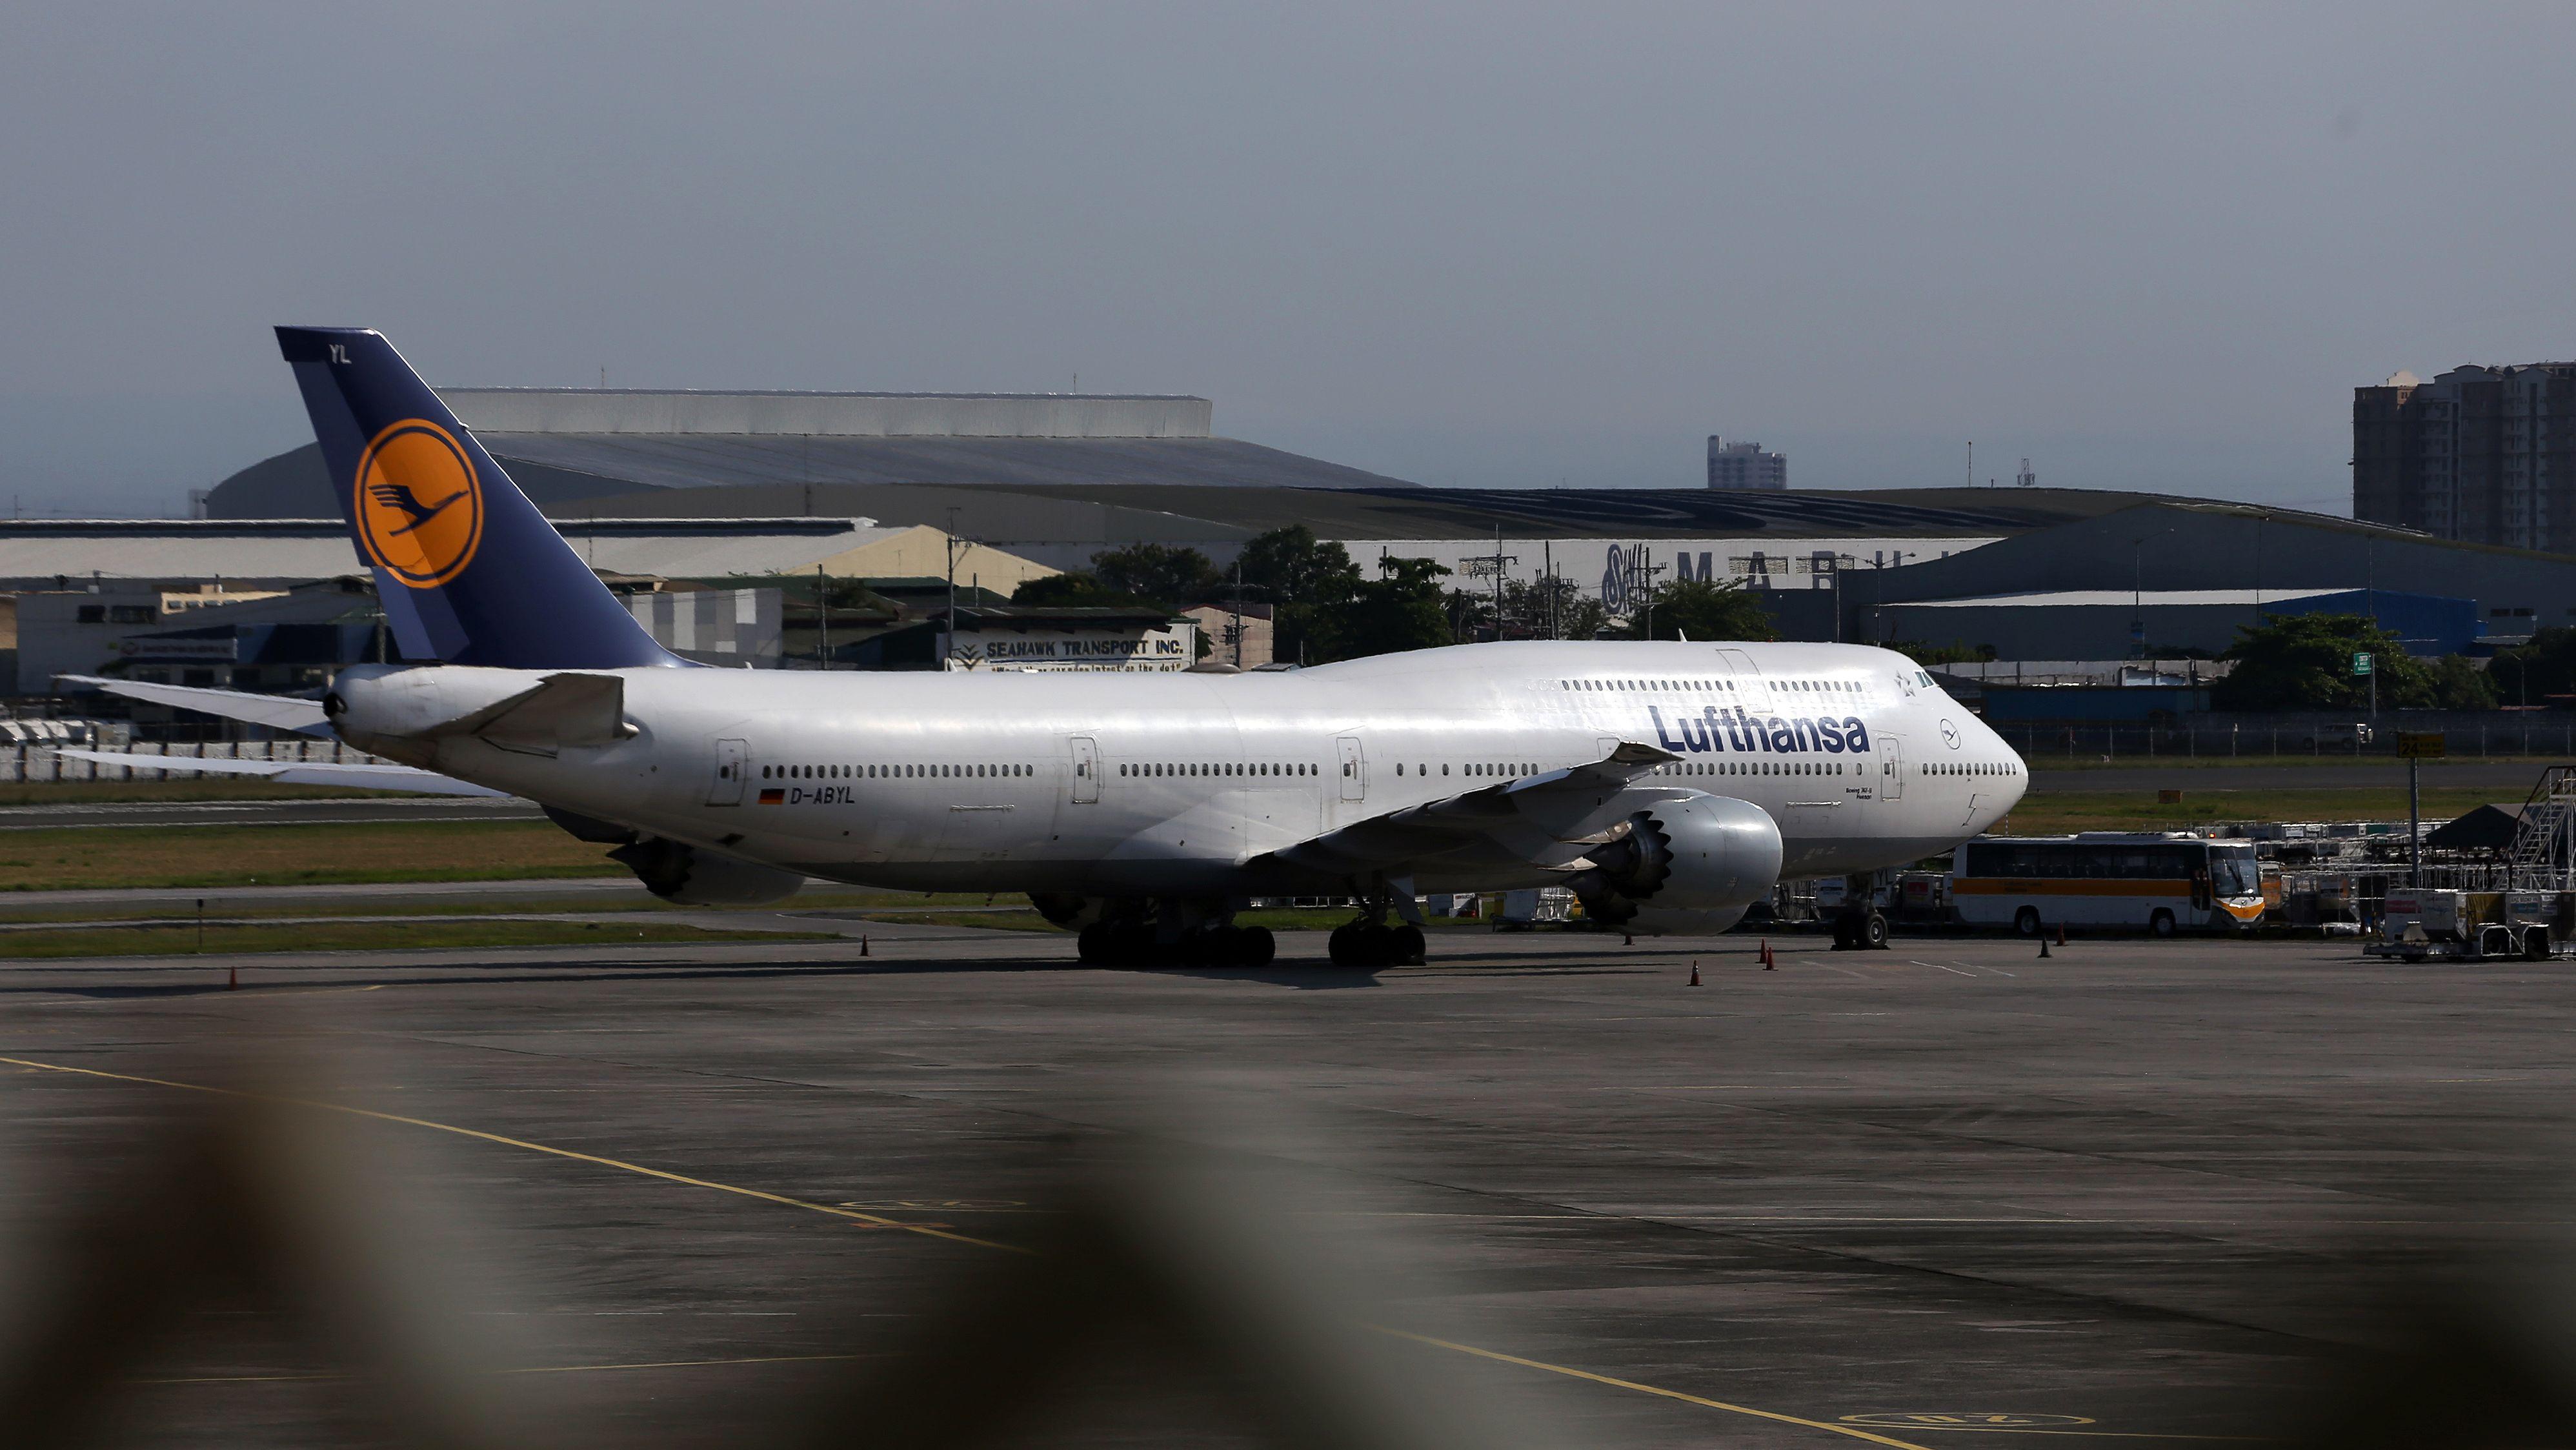 Philippinen, Manila: Eine Lufthansa-Maschine steht am Flughafen. Mehr als 300 Deutsche warten auf dem internationalen Flughafen Ninoy Aquino auf einen Lufthansa-Flug, der von der deutschen Botschaft auf den Philippinen wegen der Covid-19-Pandemie gechartert wurde.